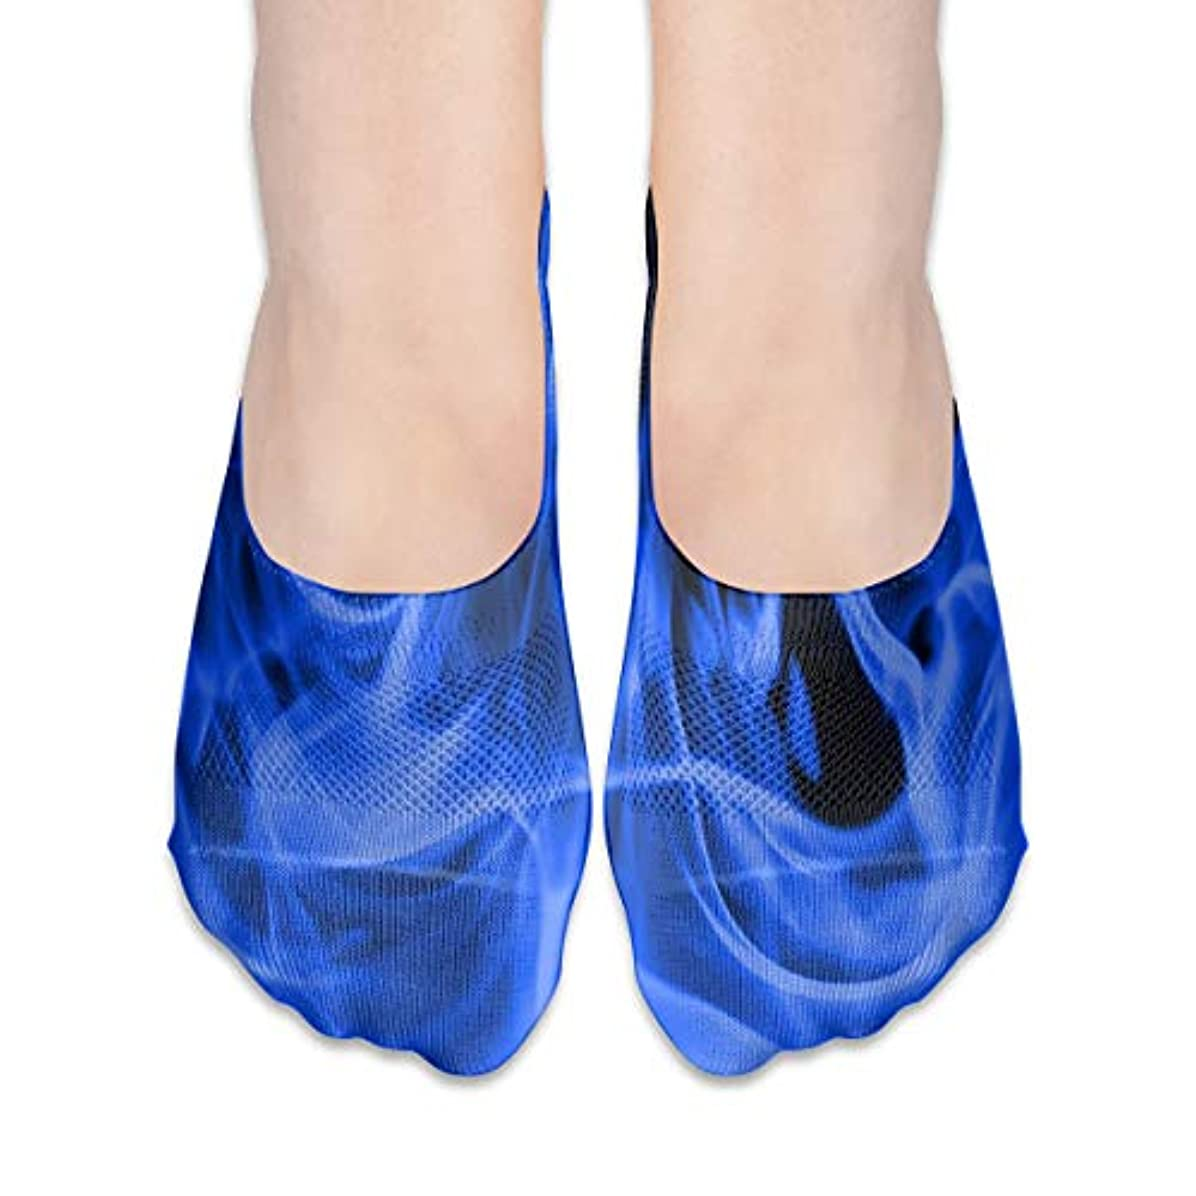 四回粗い実用的青い炎はショーソックスの女性のボートの靴のローファーのソックス、滑り止めのグリップを示しません